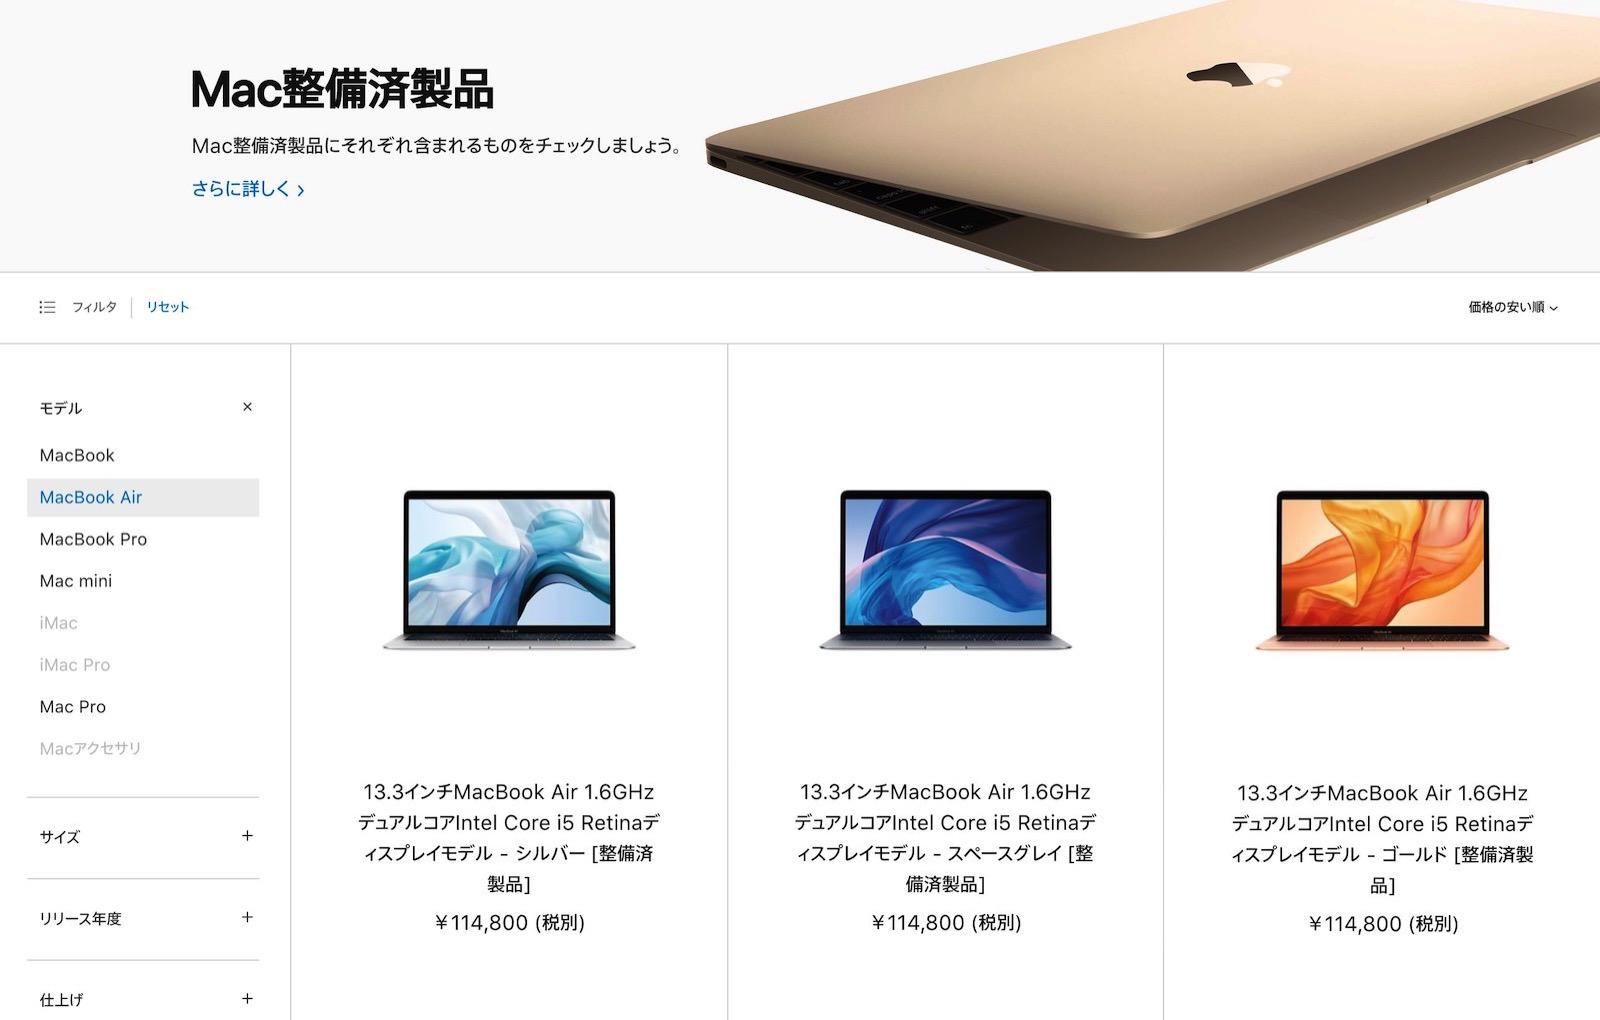 MacBook-Air-2018-Refurbished-20190220.jpg